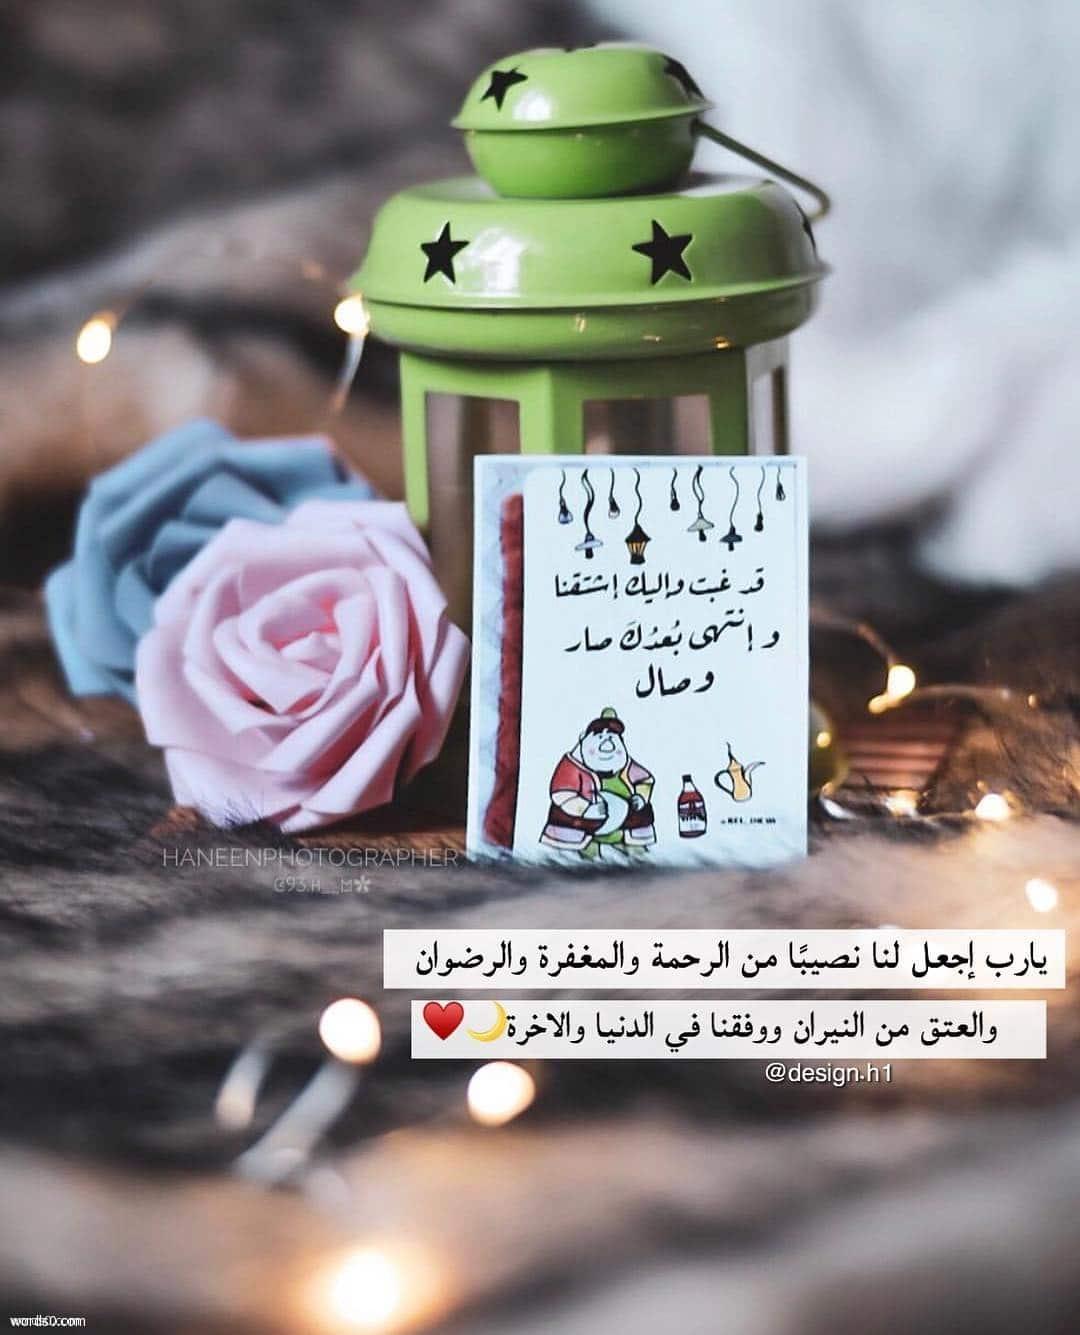 اا صور ادعيه قصيره لشهر رمضان 2019 3 - صور وخلفيات أدعية شهر رمضان المبارك 2019